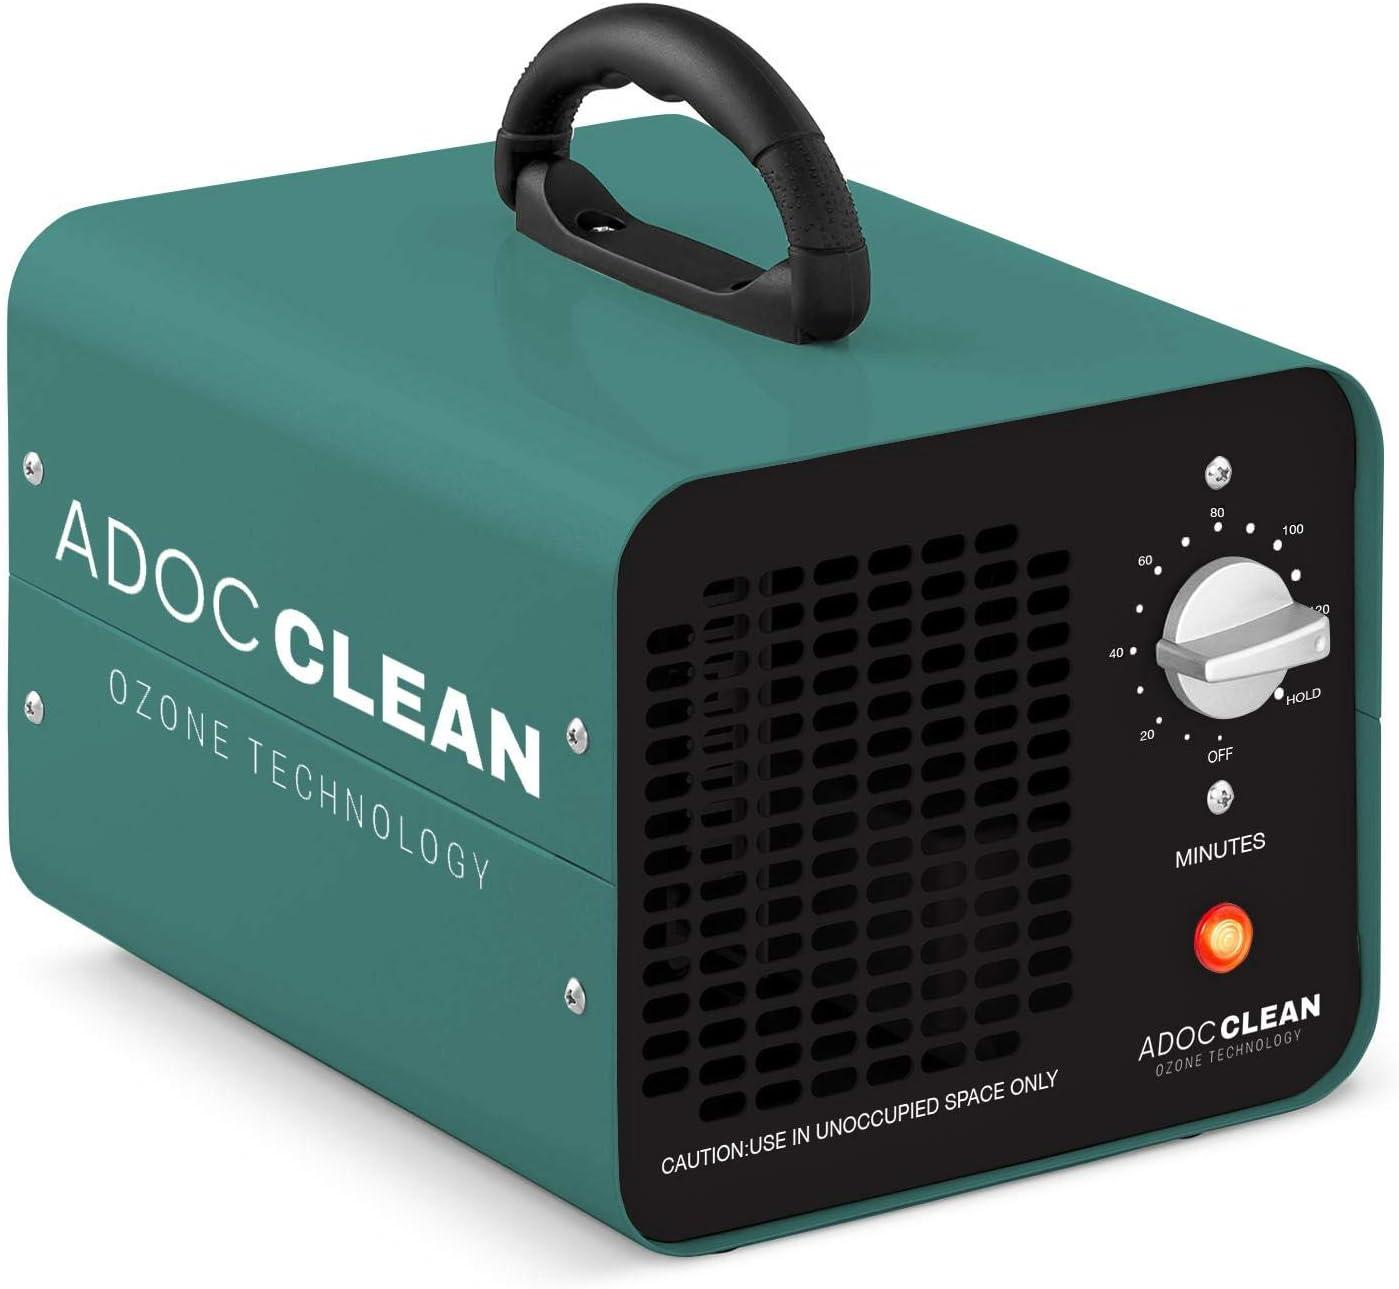 adoc clean ADOC GOZ10 Generador de Ozono para Purificar Aire 10.000 MG/h. Eliminación de Olores, bacterias, ácaros, Virus, etc, 110 W, 220 V, VERDE, Portátil 23,7 x 18 x 17,5 3 kg: Amazon.es: Bricolaje y herramientas